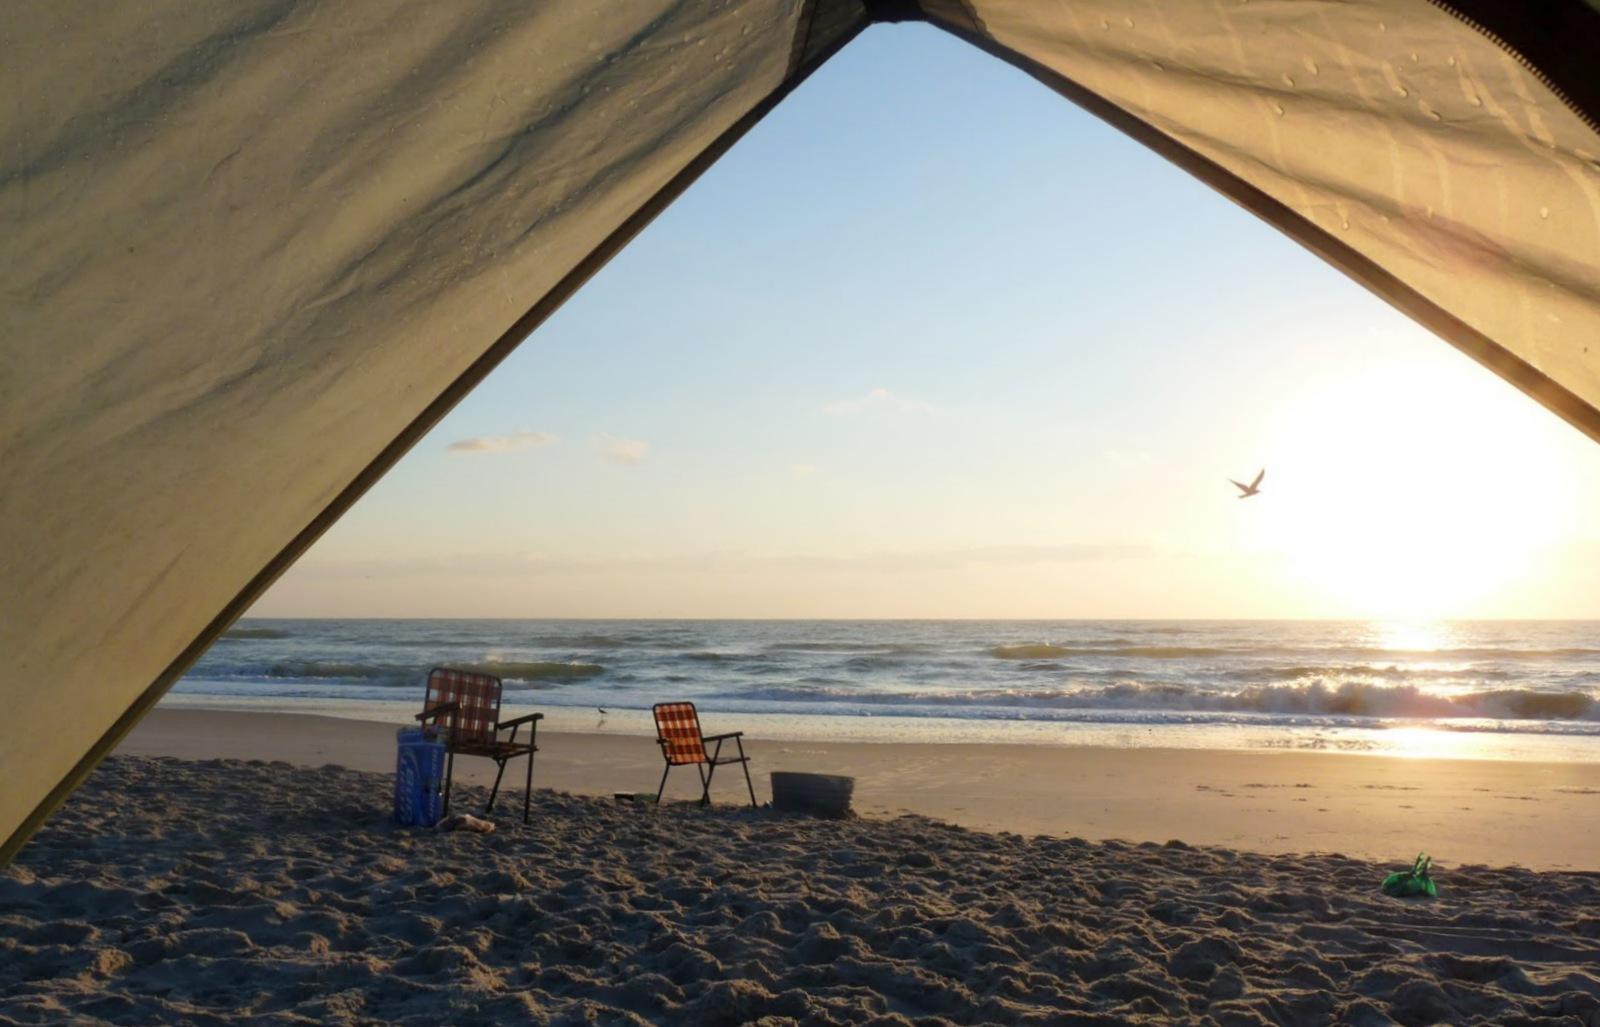 0316c37c6 Viagem de final de semana: 10 lugares próximos ao Rio para acampar ...